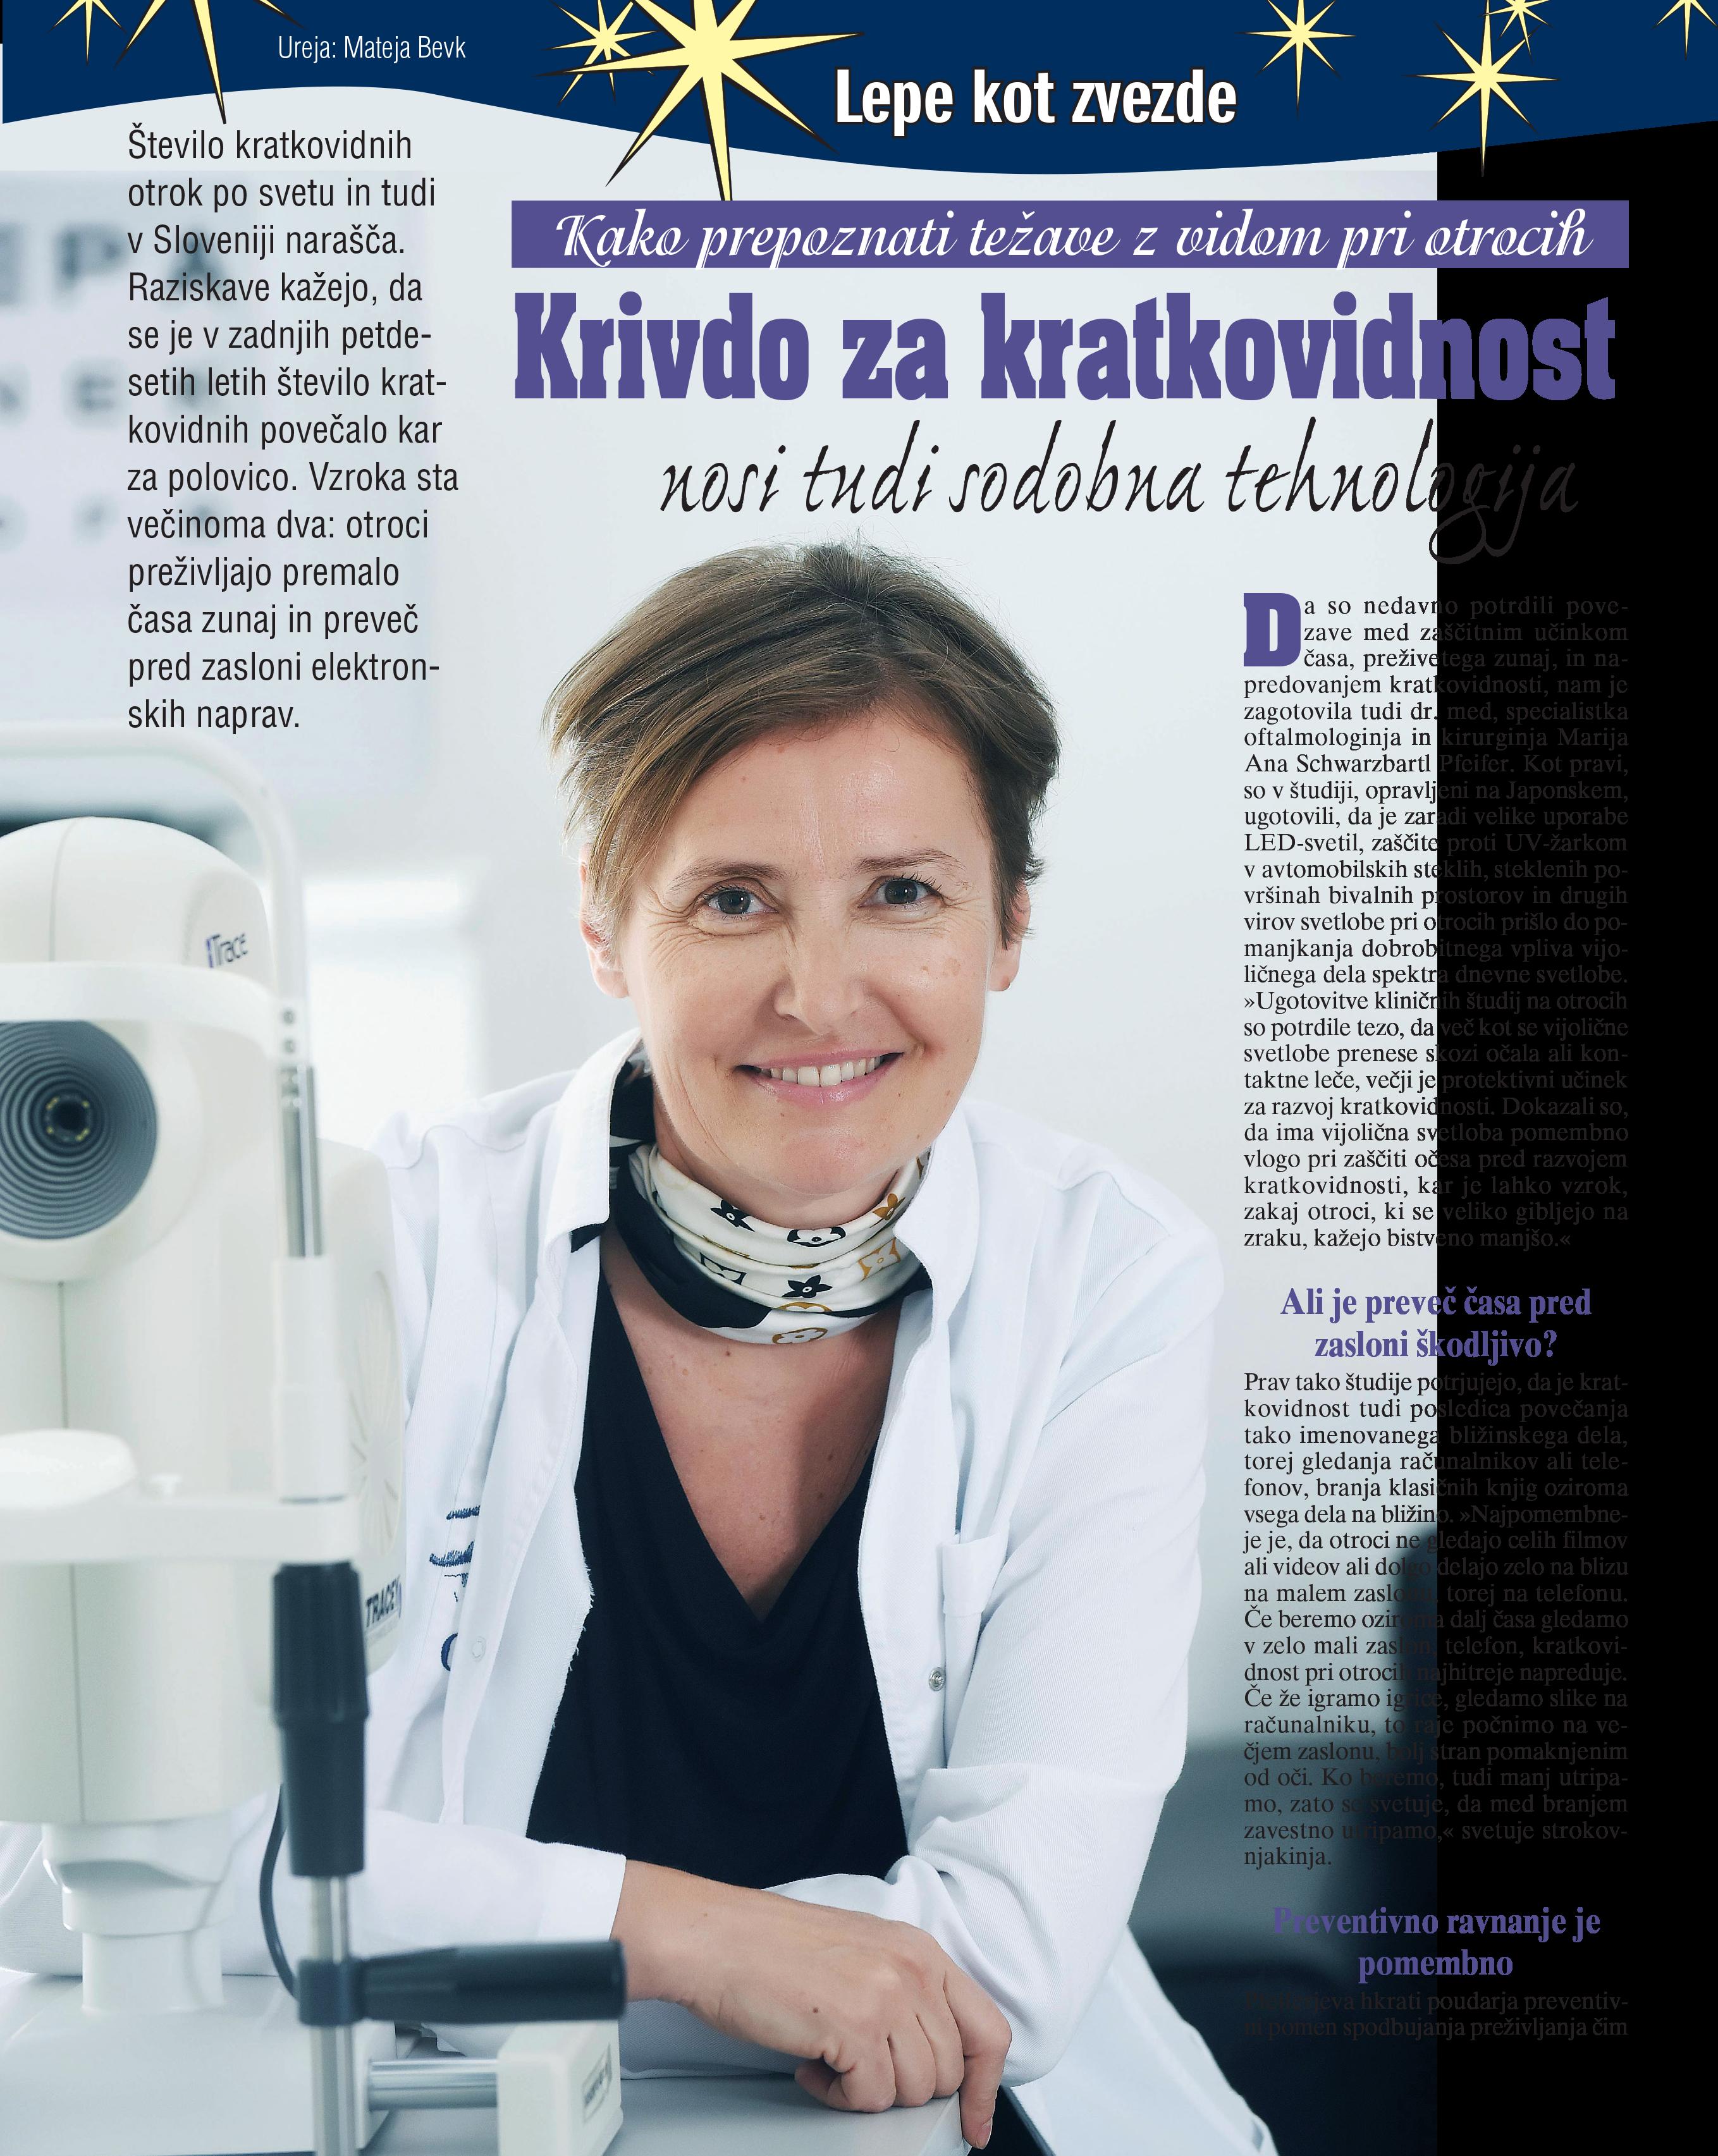 Revija Zvezde/Lady - Krivdo za kratkovidnost nosi tudi sodobna tehnologija - oktober 2020